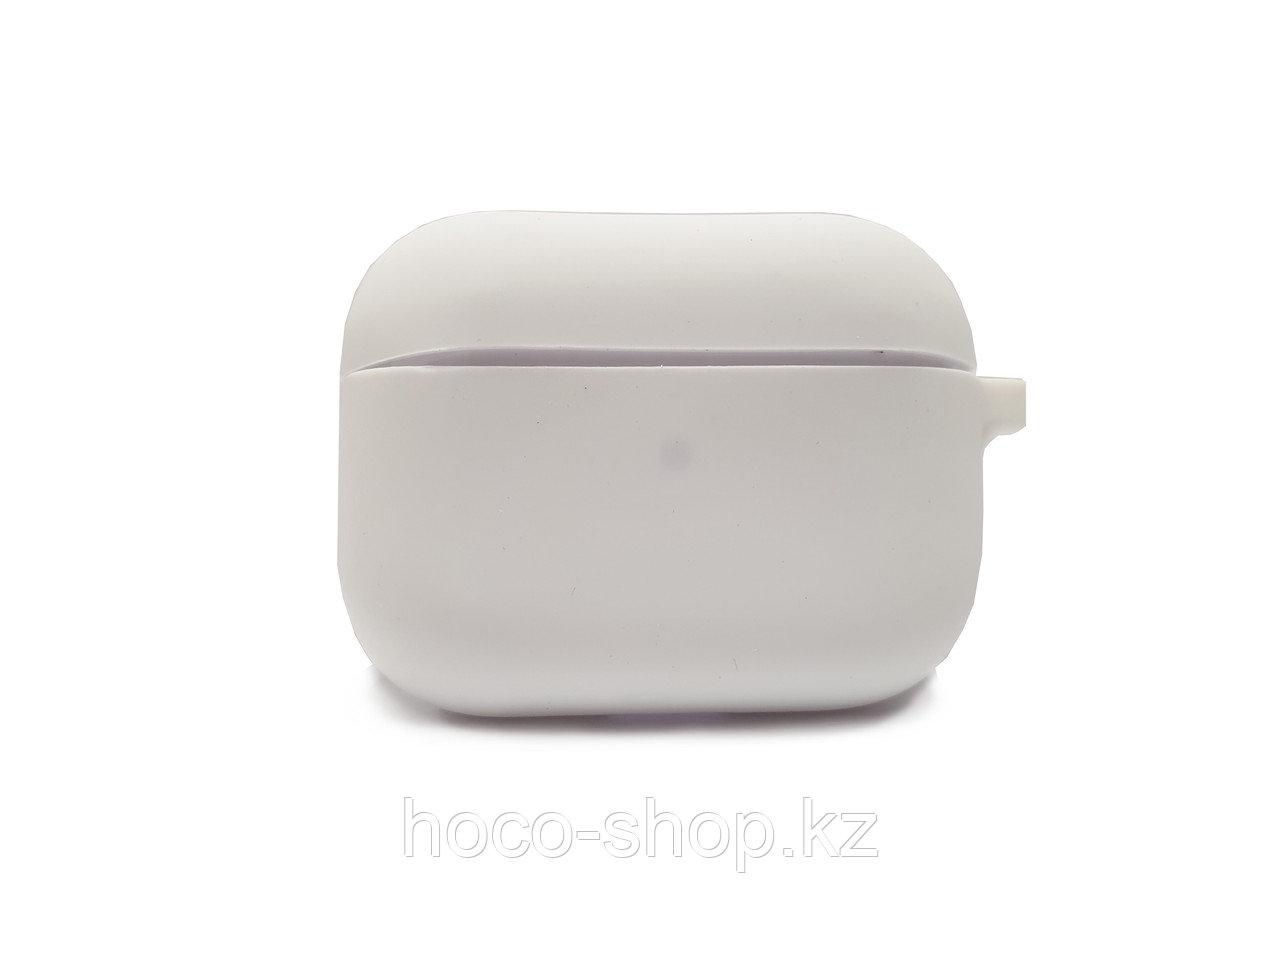 Силиконовый чехол для AirPods Pro White